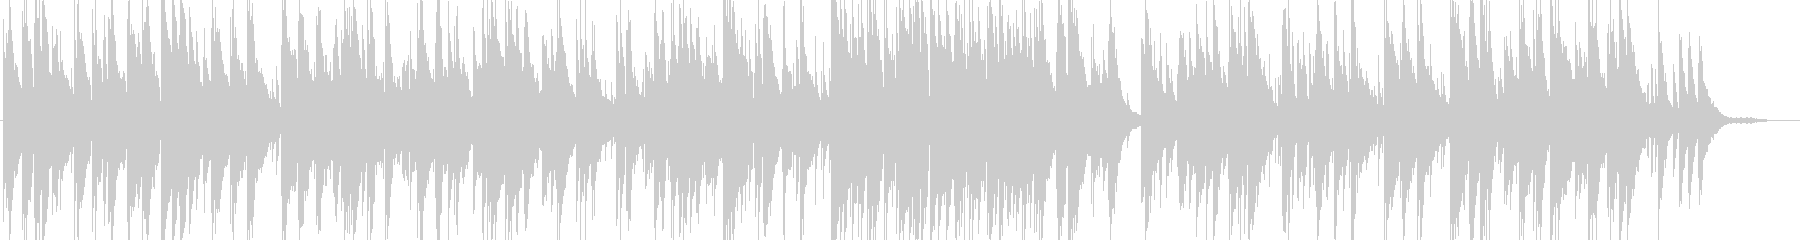 スコットランド民謡のピアノトリオの未再生の波形